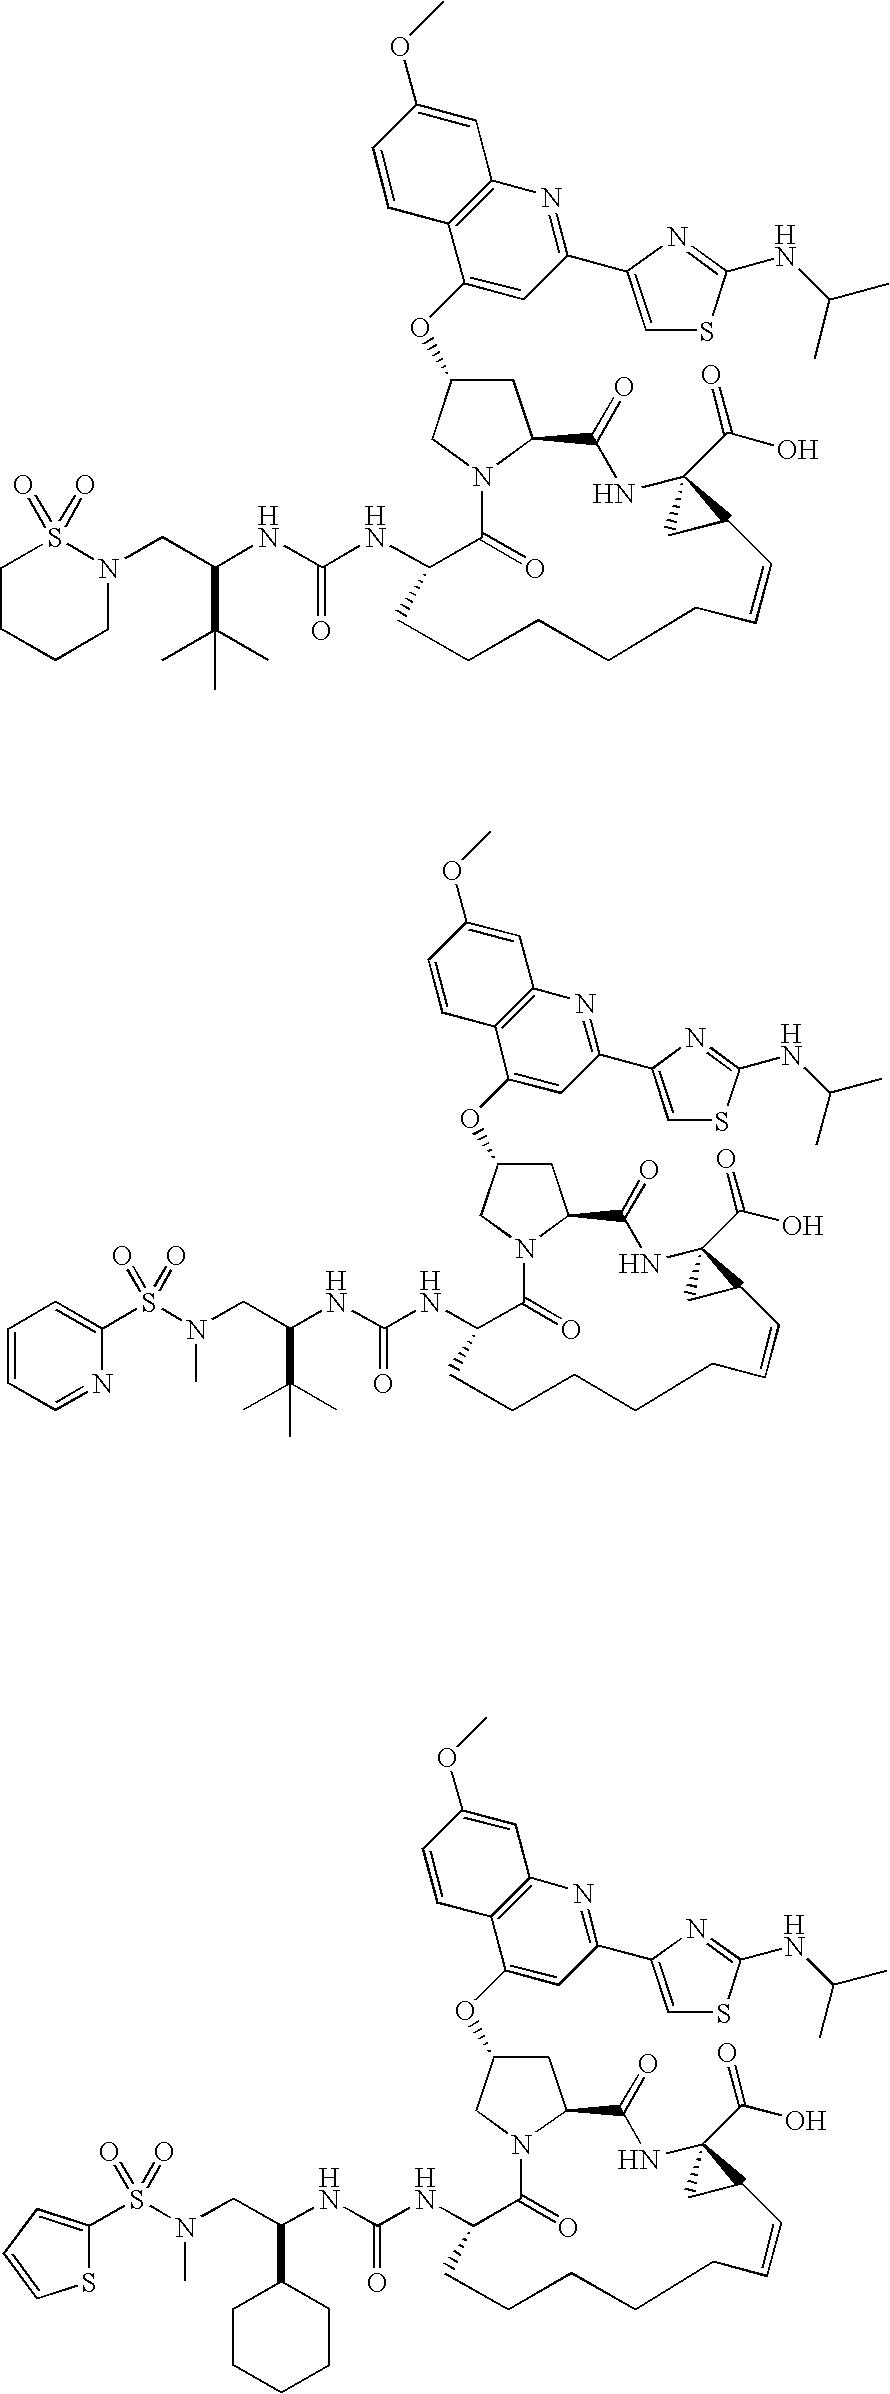 Figure US20060287248A1-20061221-C00162